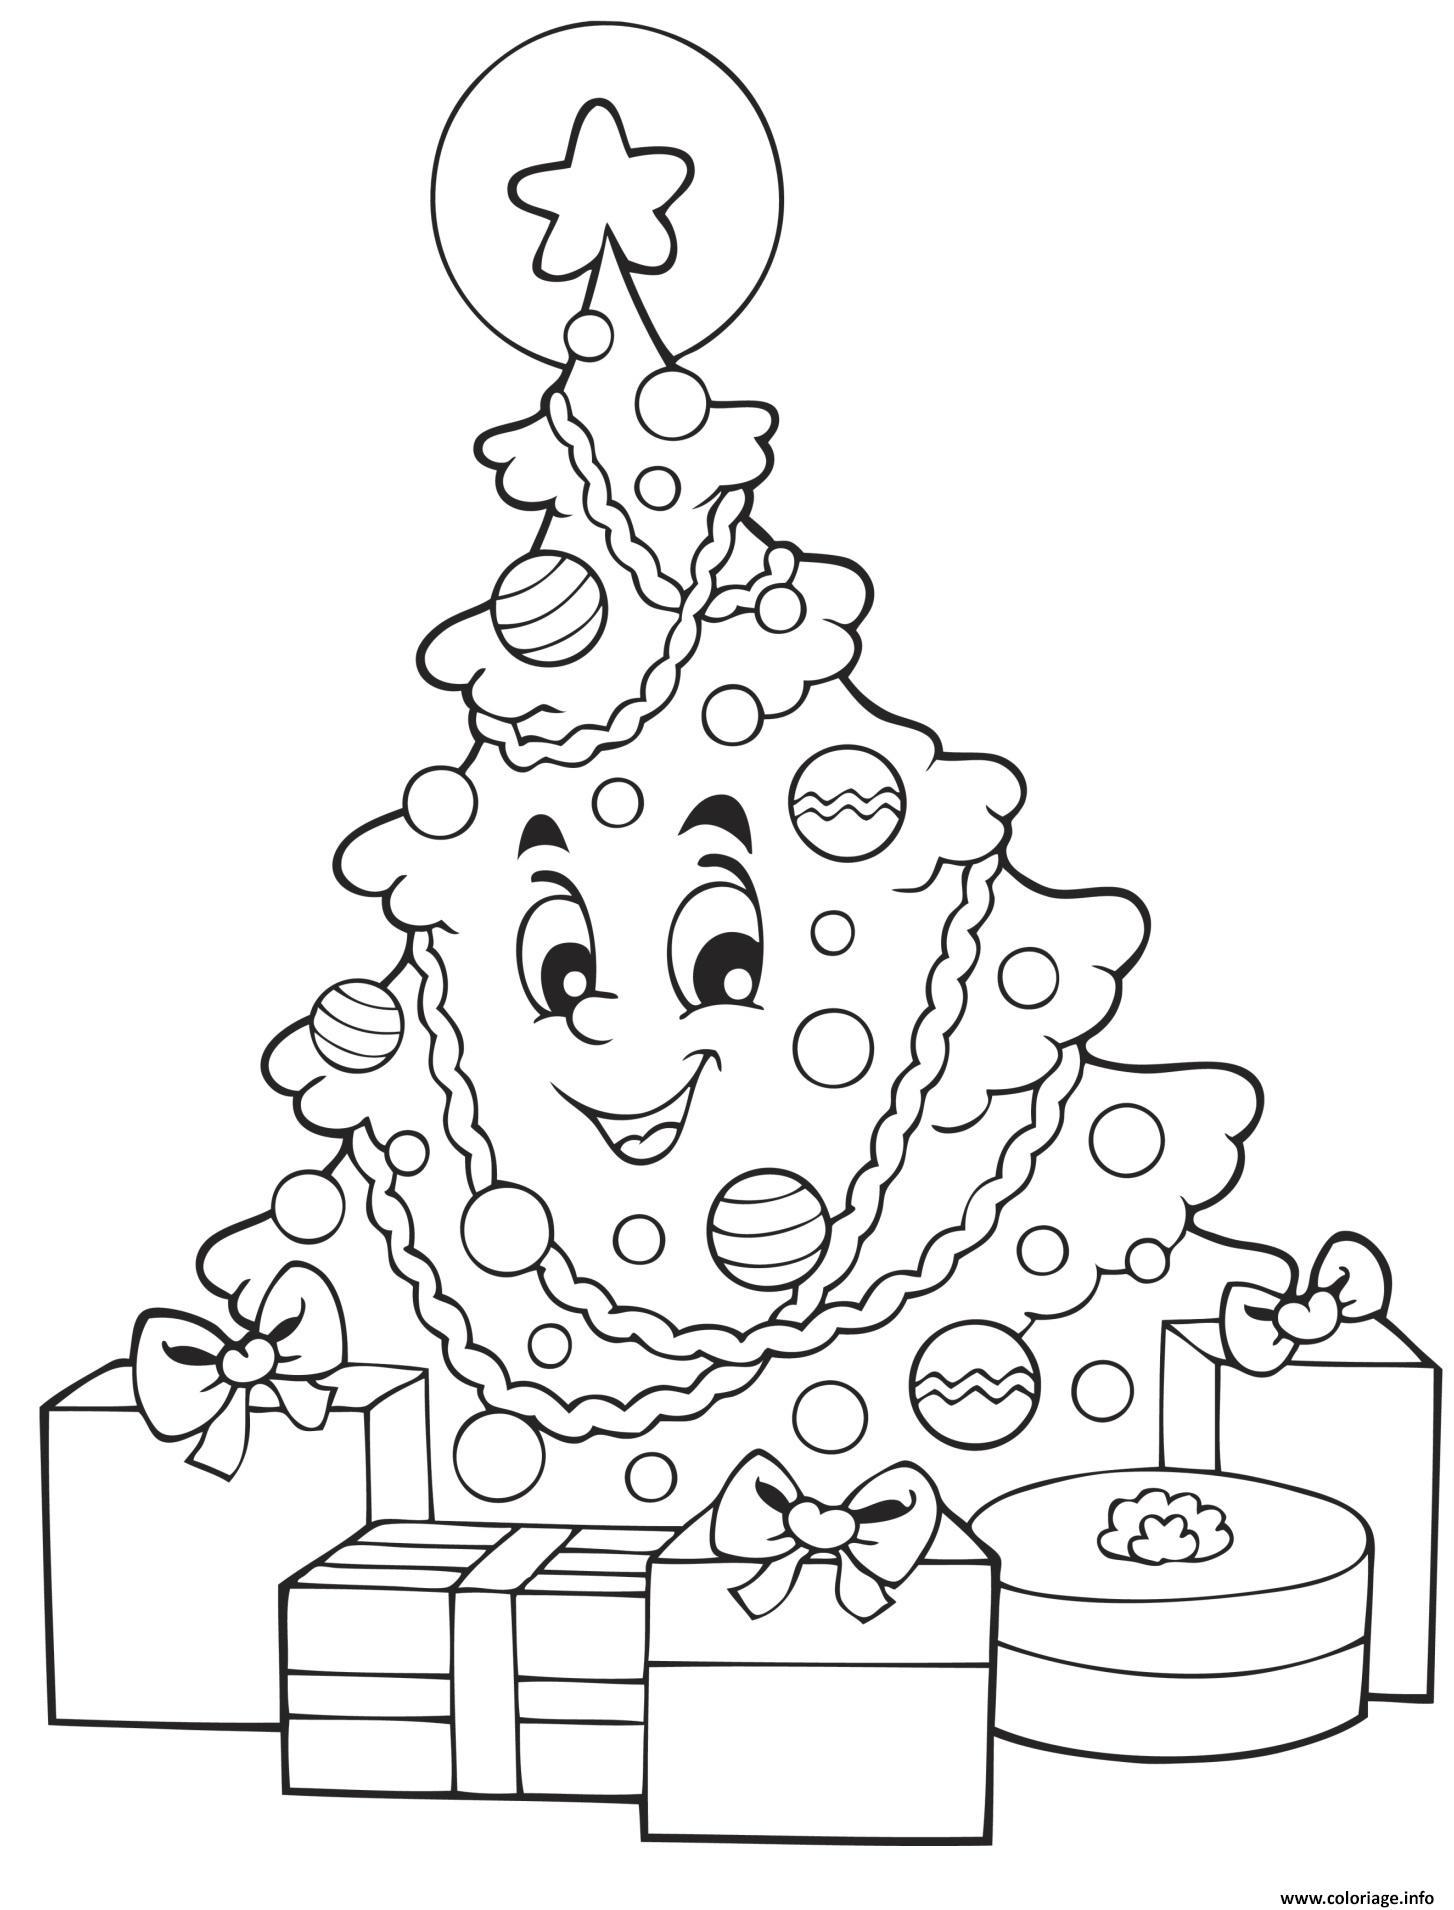 Coloriage Sapin De Noel Souriant Avec Des Cadeaux De Noel Dessin pour Coloriage De Sapin De Noel A Imprimer Gratuit